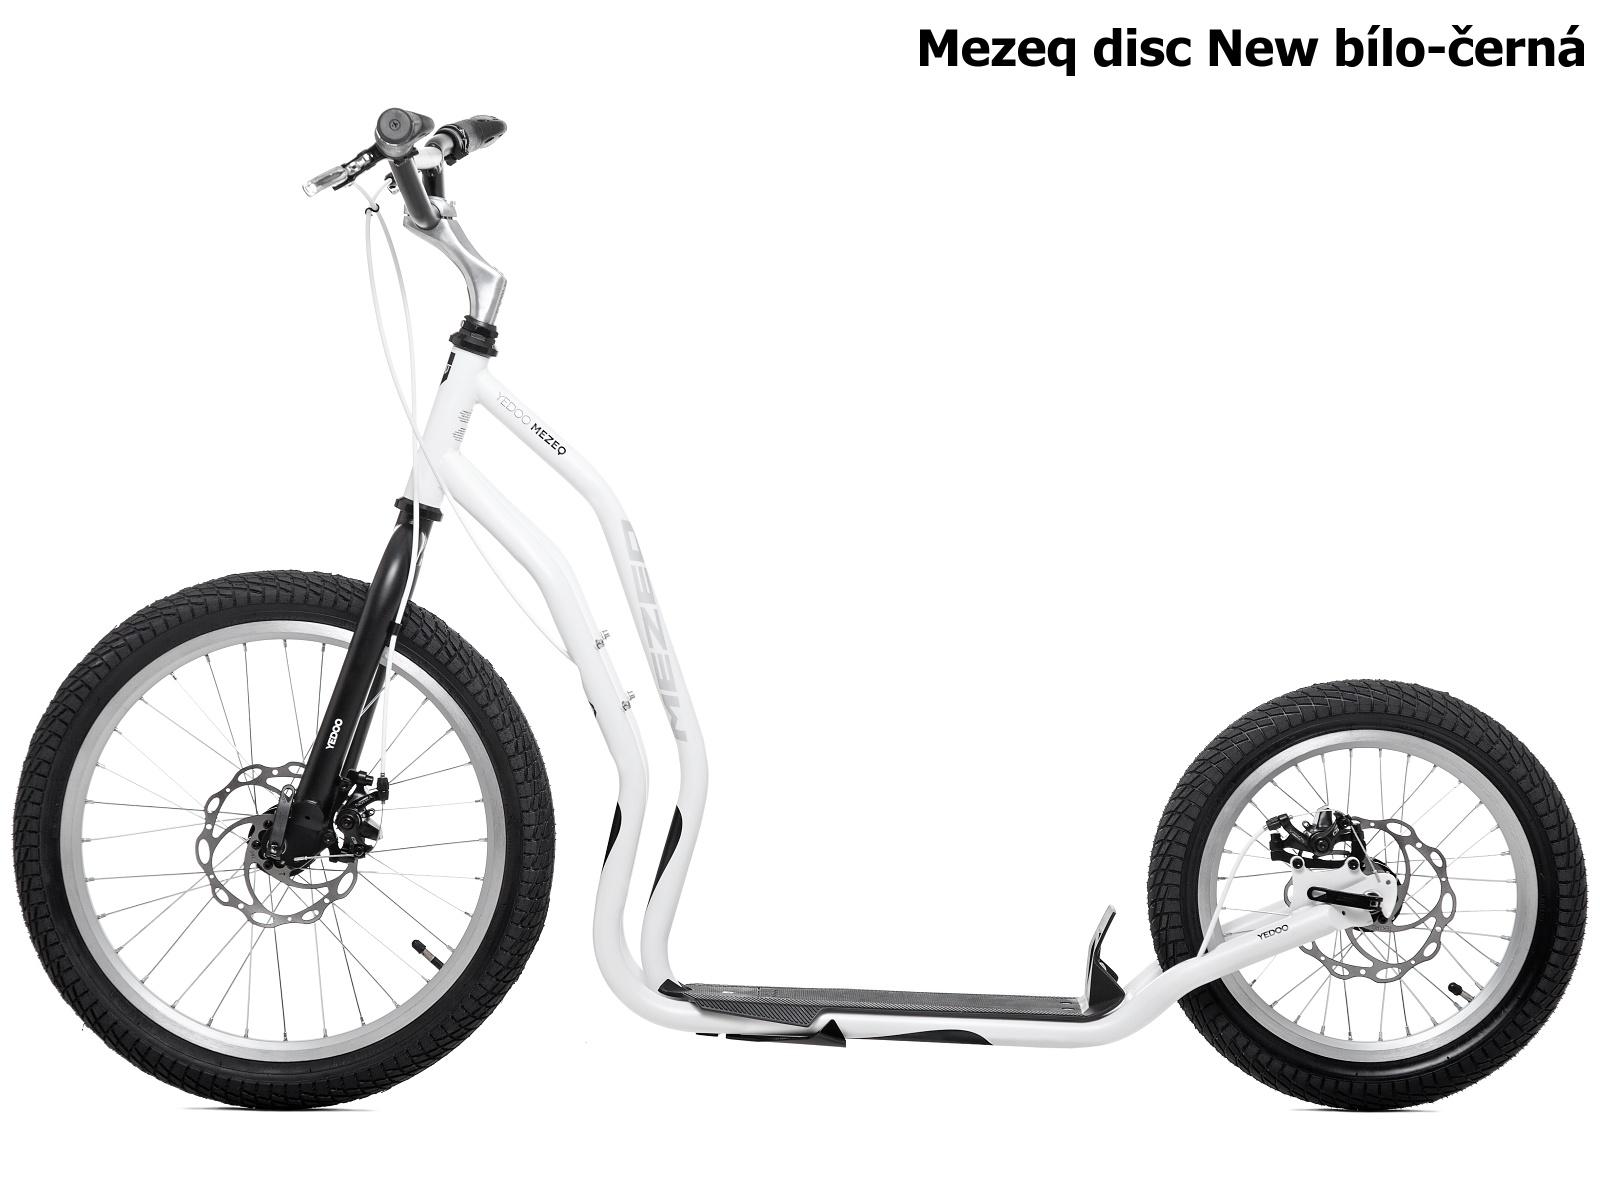 Koloběžka YEDOO Mezeq disc New 20-16 bílo-černá